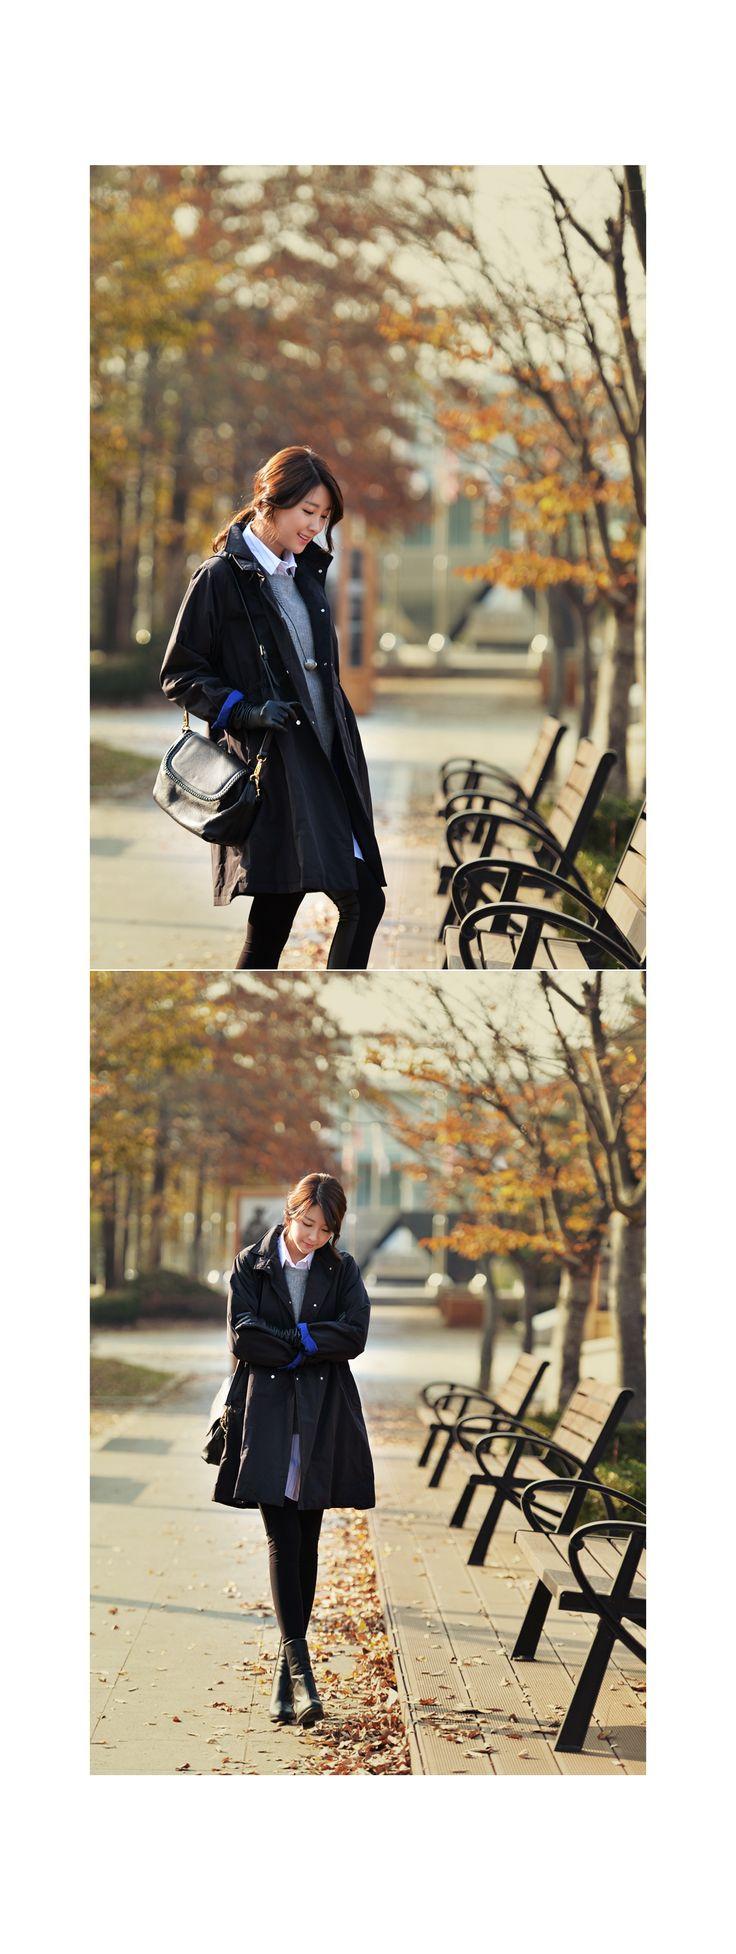 여성의류 쇼핑몰 오제이럭셔리 [[EJP16M7]프리다 본딩 트렌치 코트차가운 칼바람도 막아주는 프라다소재2온스 본딩작업으로 시크하면서도보온성이 높아 한겨울에도 멋스럽게~]